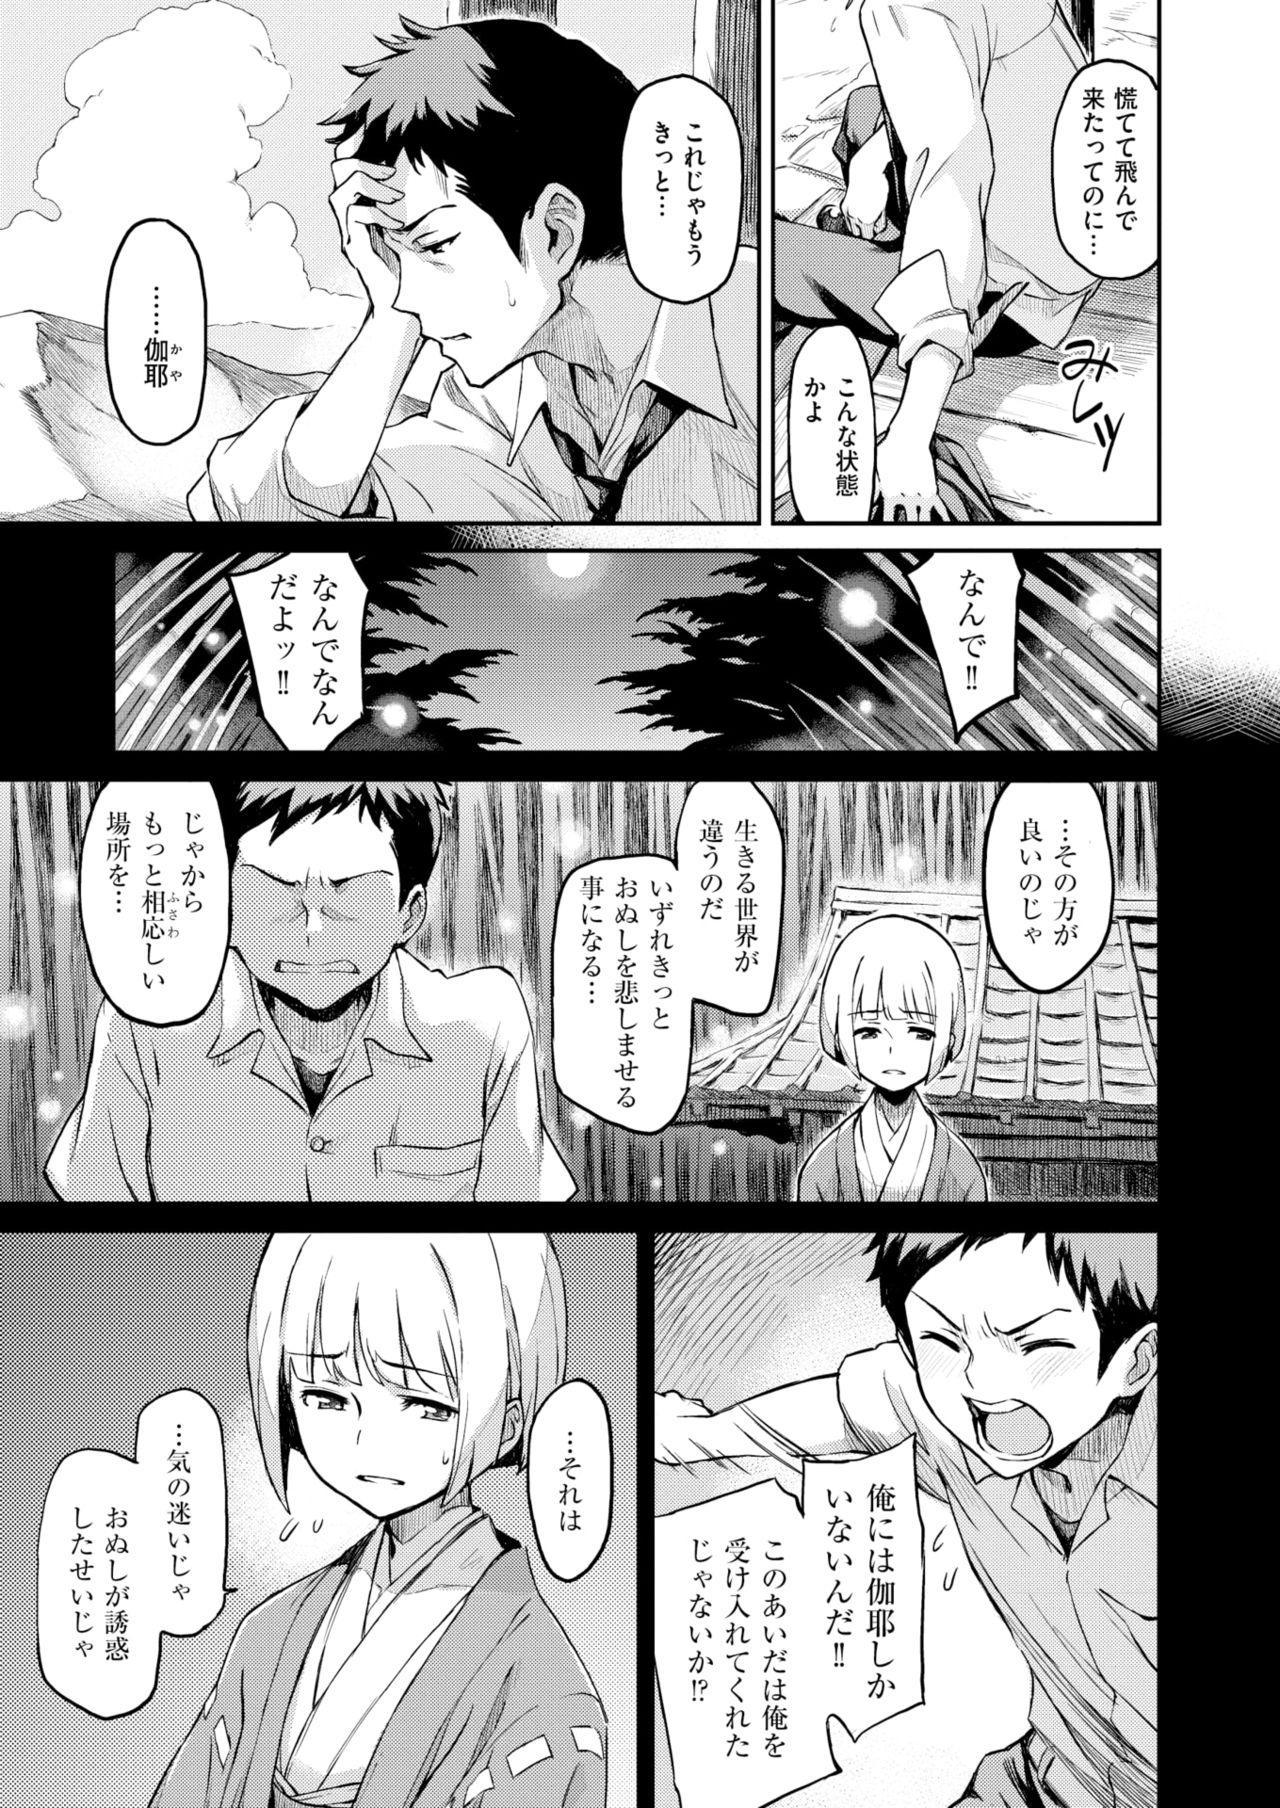 COMIC Kairakuten 25 Shuunen kinen tokubetsugou 239